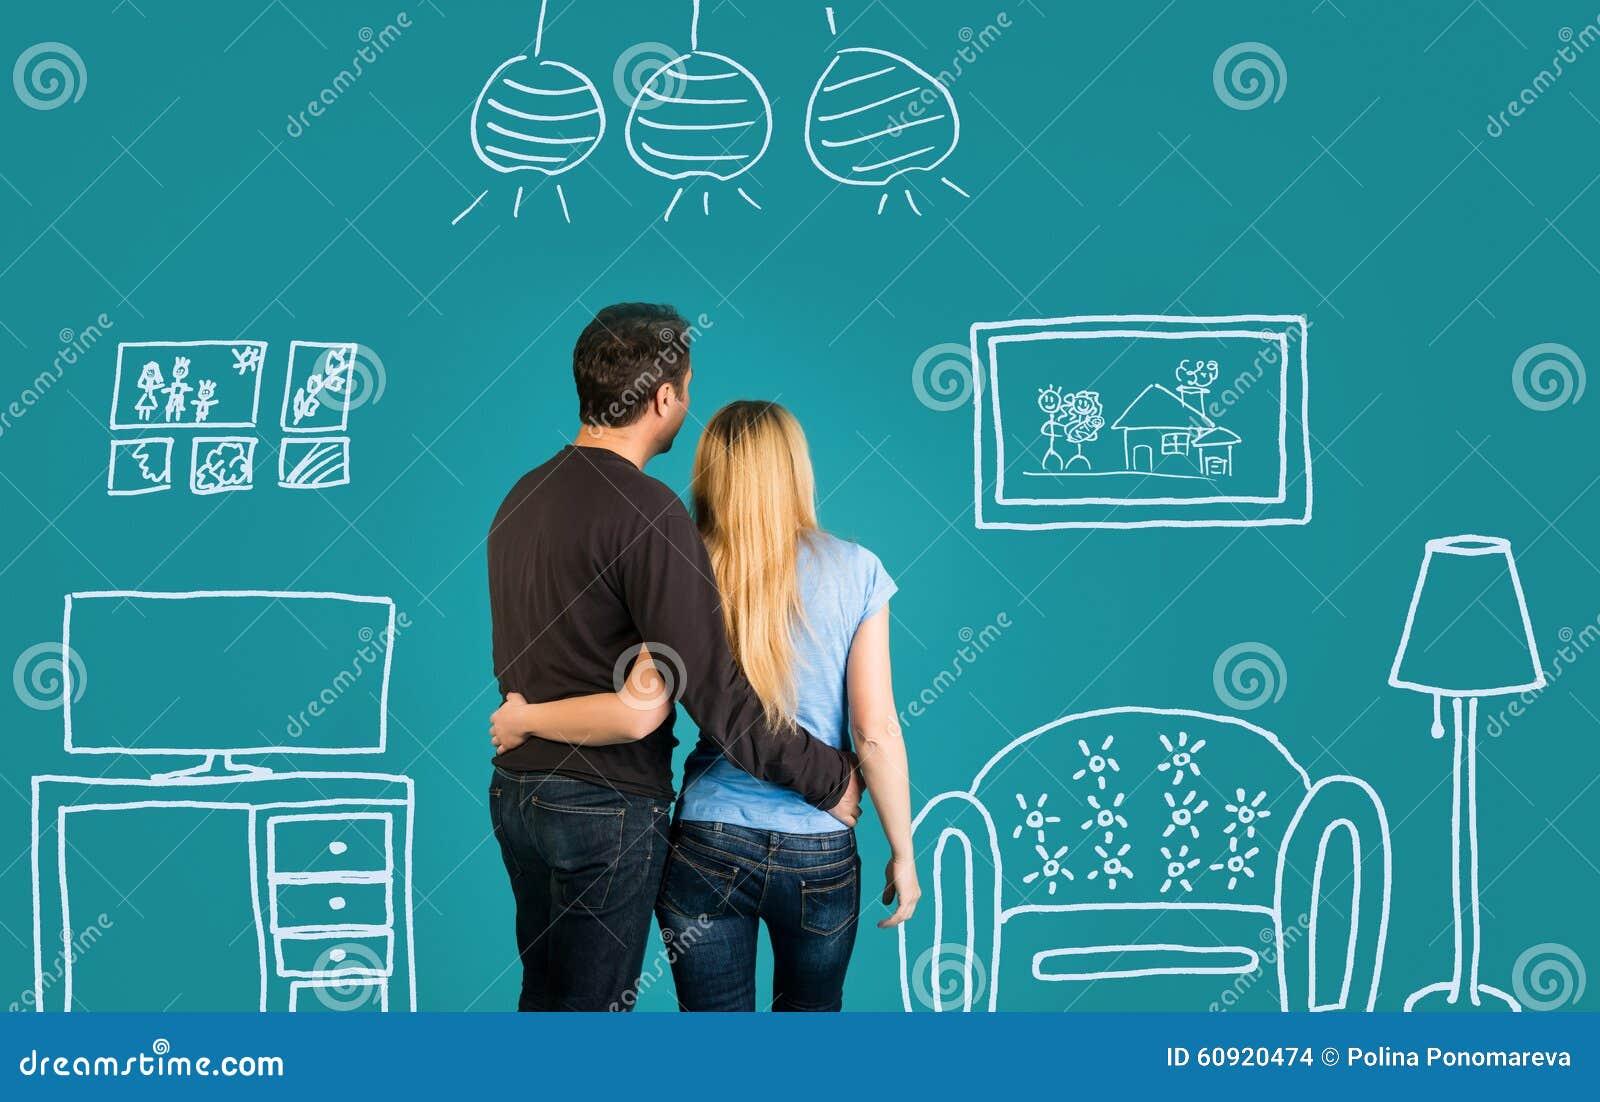 作梦他们新的家或装备在蓝色背景的愉快的夫妇 与他们的未来平的内部略图的家庭